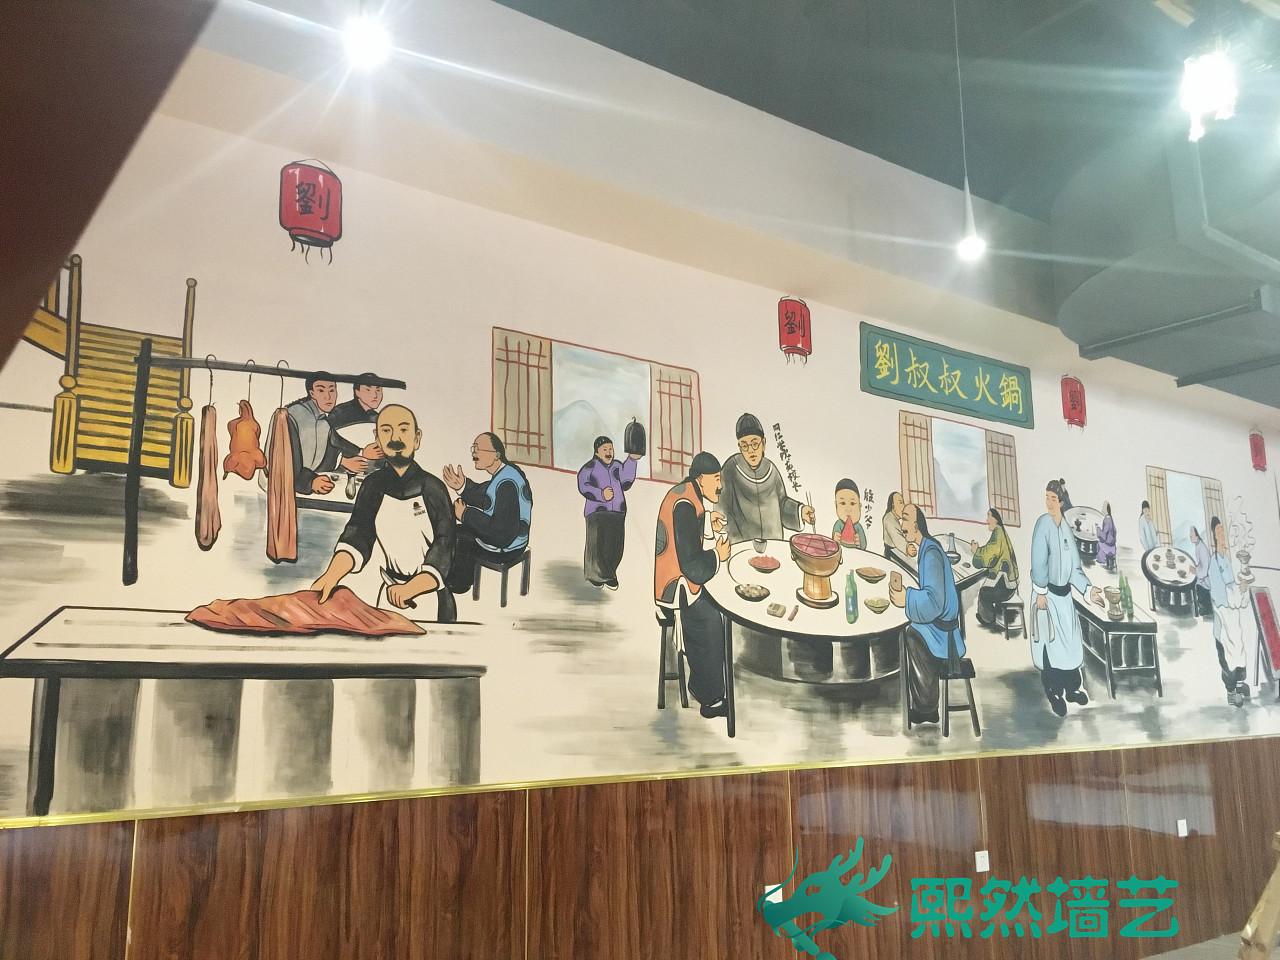 好朋友的自创火锅品牌,算是一个火锅店墙绘中质量很高的设计绘画作品